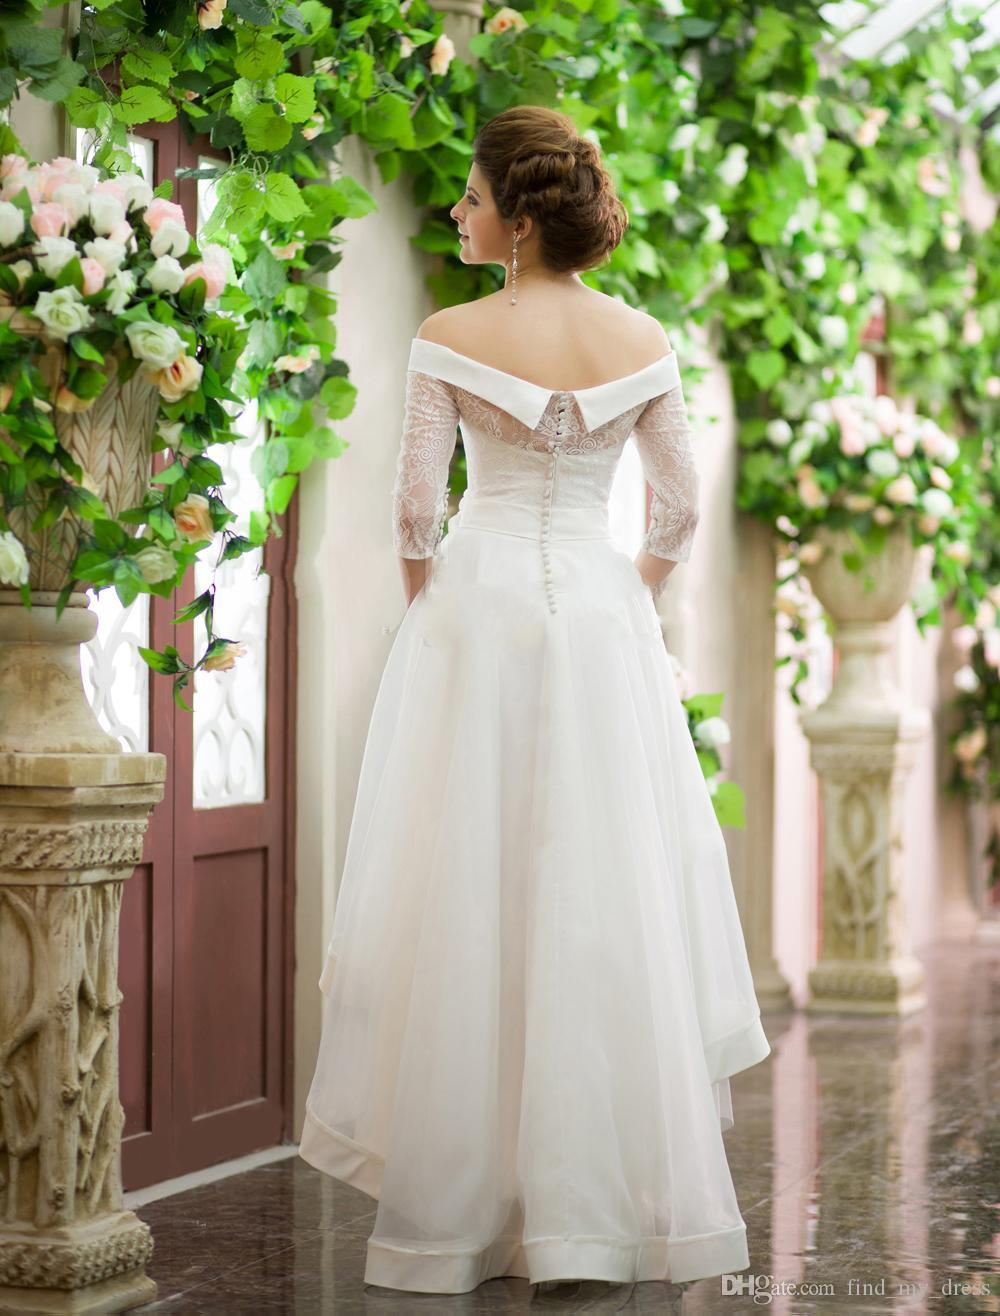 Estilo vintage Vestidos de novia altos y bajos Fuera del hombro Media manga Cinturón de flores Encaje Organza Corto Frong Largo Volver Vestidos de novia personalizados W686